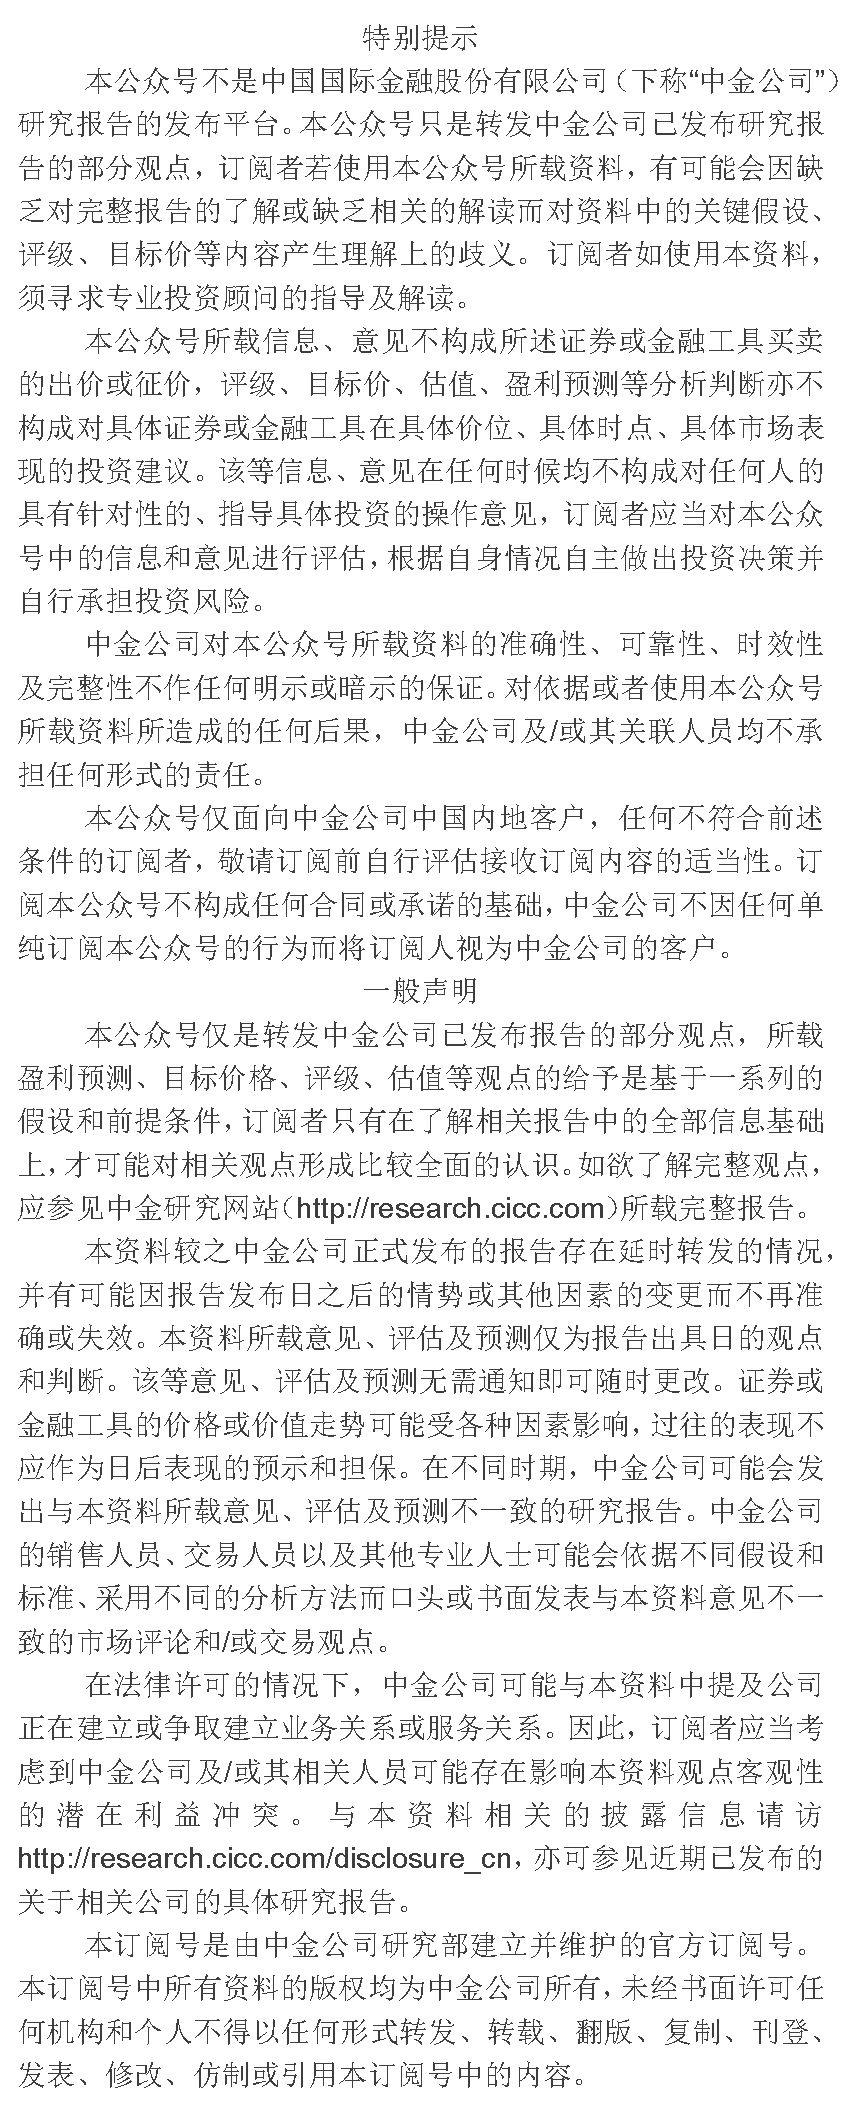 中金:銀行存量貸款基準修訂解讀